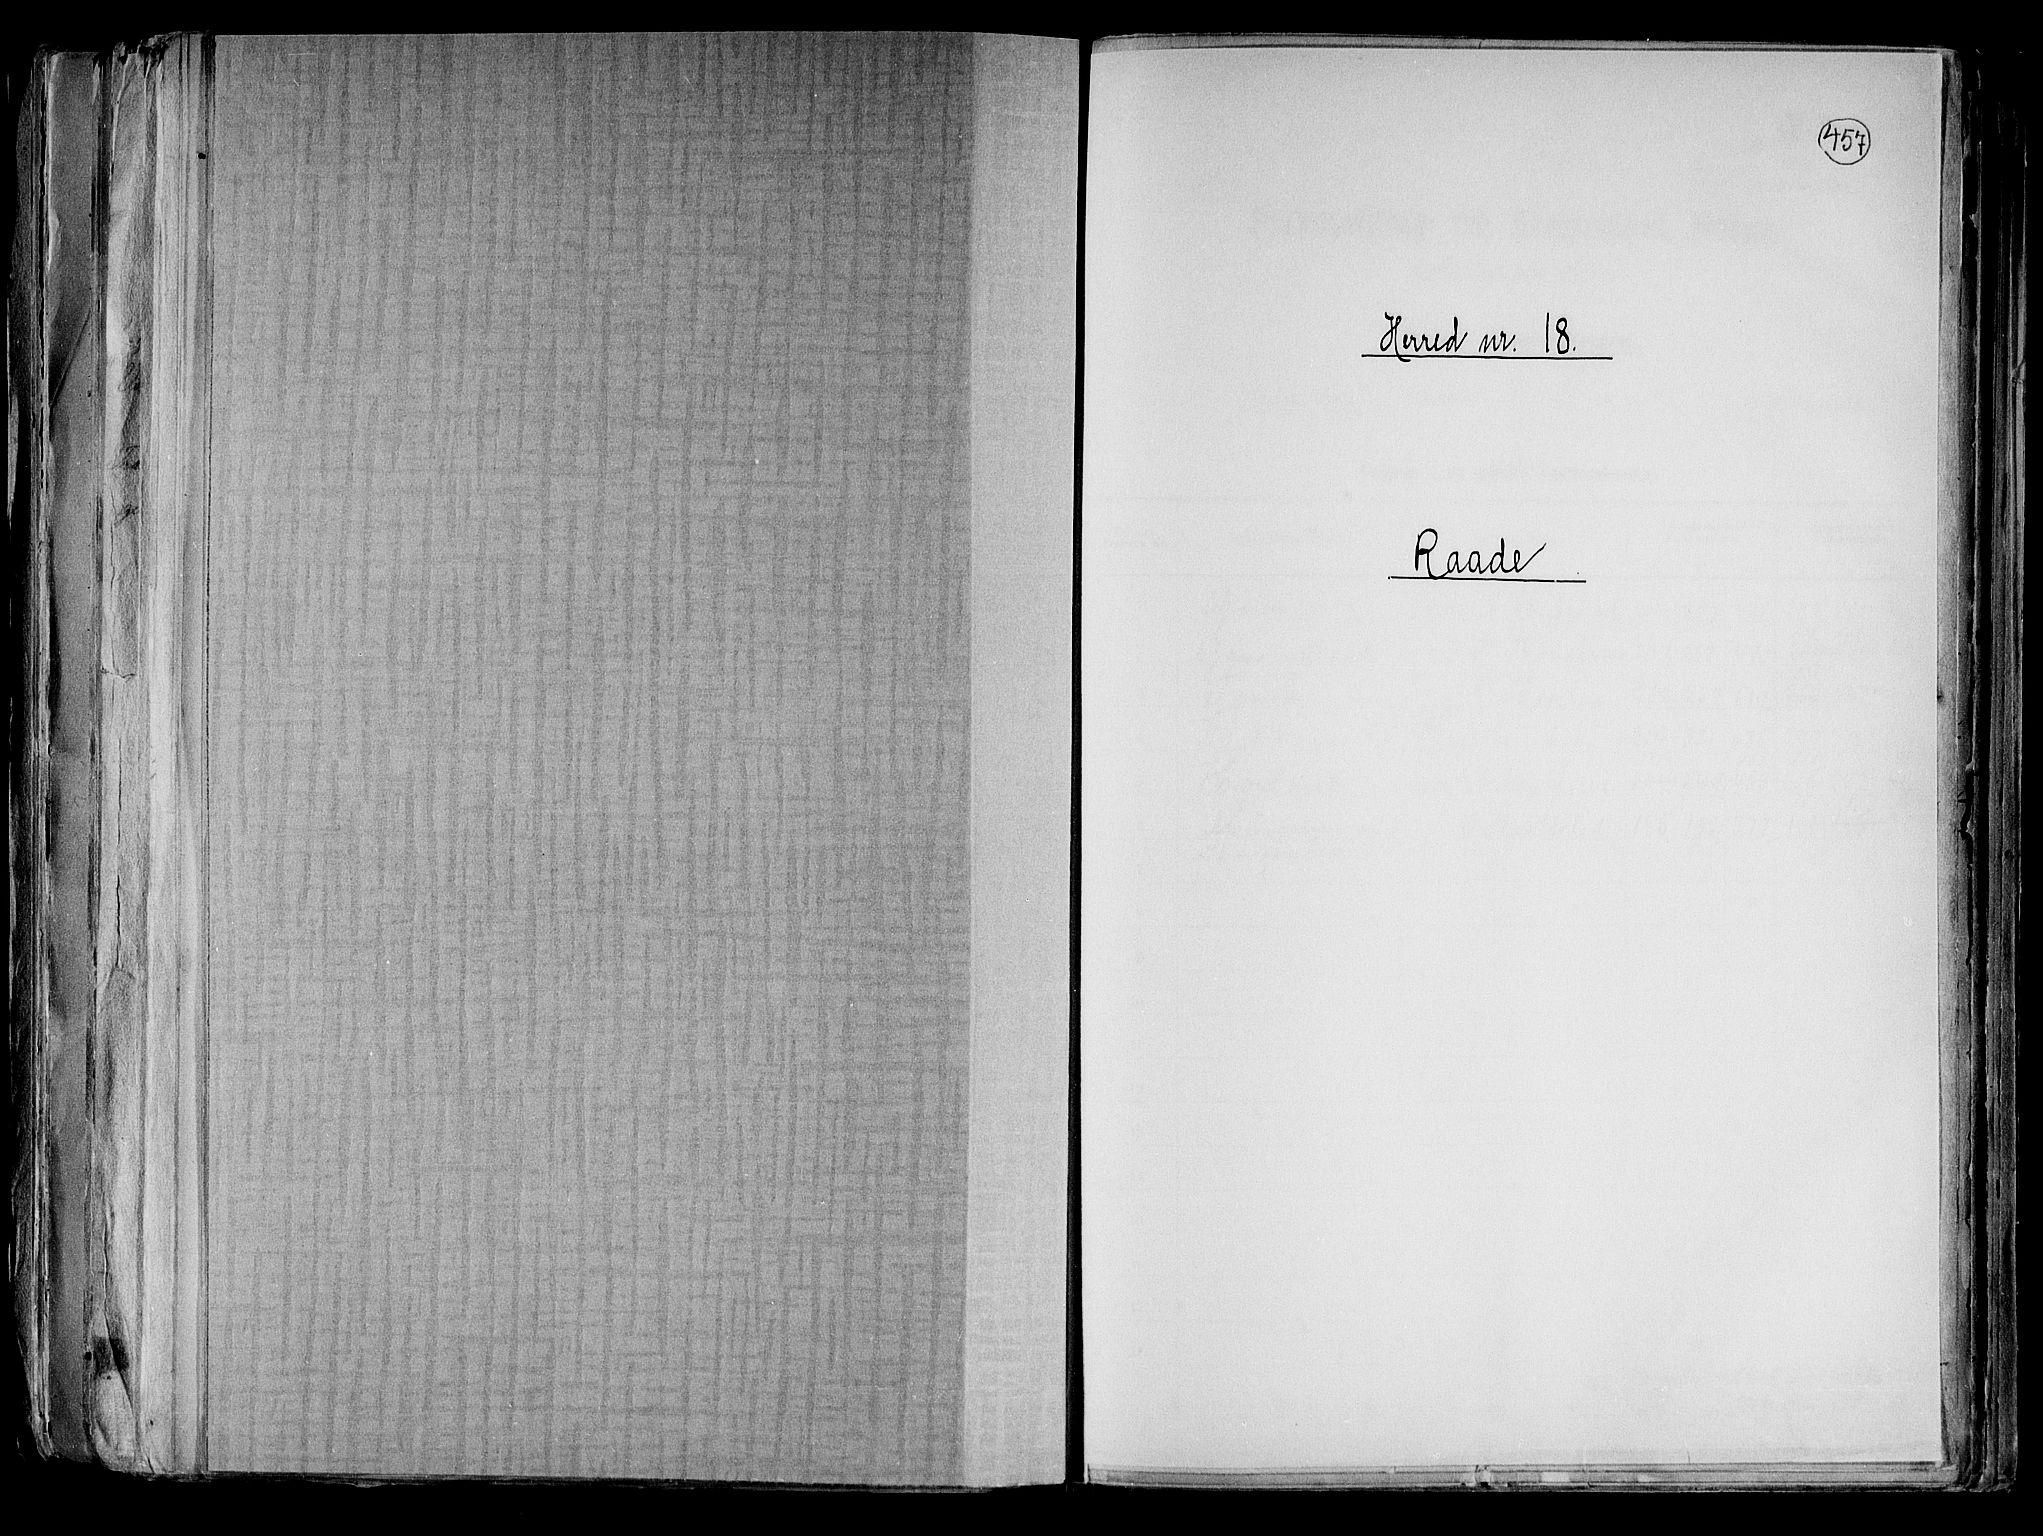 RA, Folketelling 1891 for 0135 Råde herred, 1891, s. 1